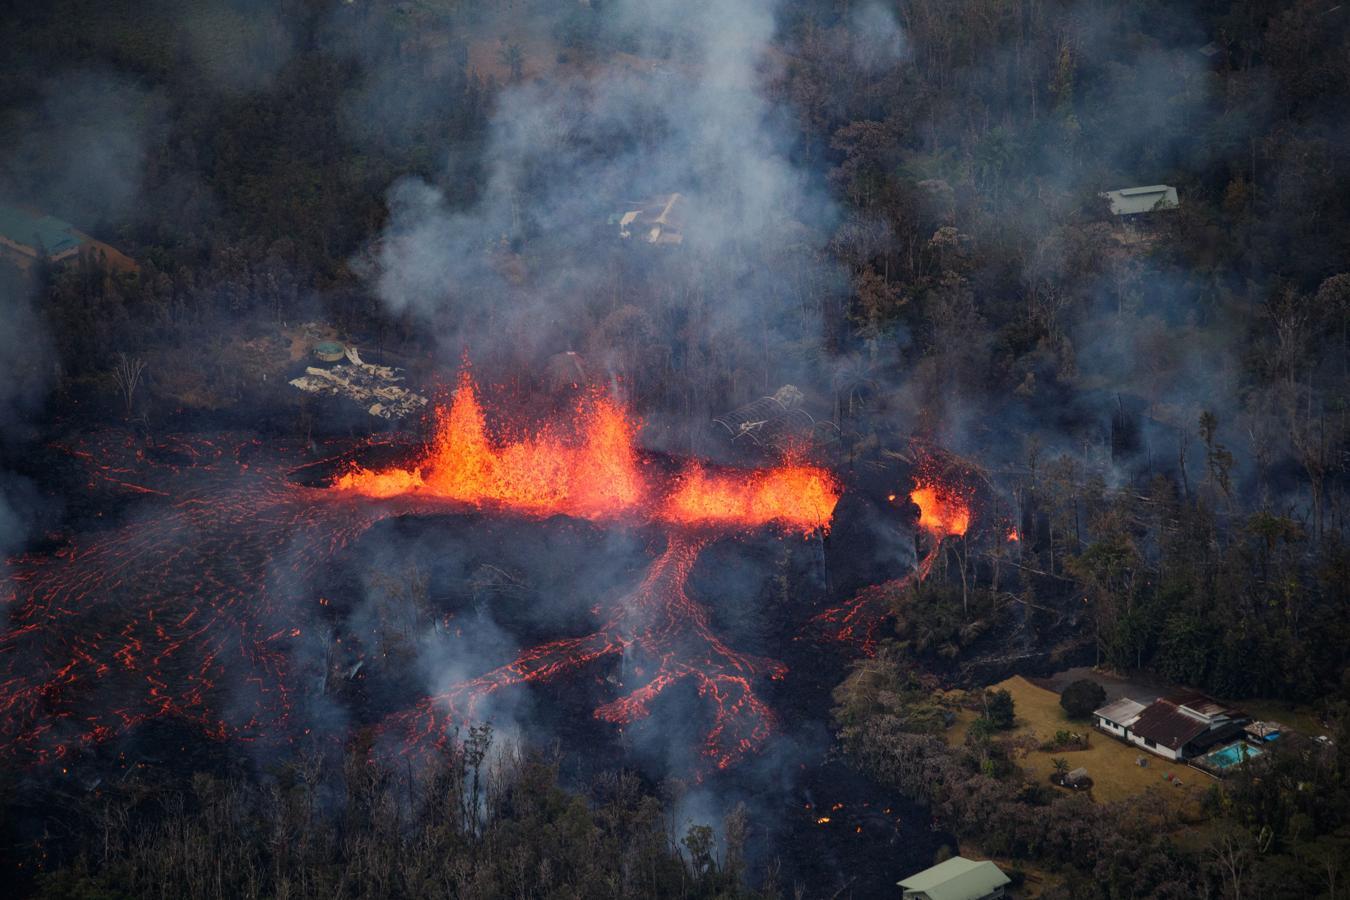 Estampa que ha dejado el volcán Kilauea, en Hawái, tras entrar en erupción.